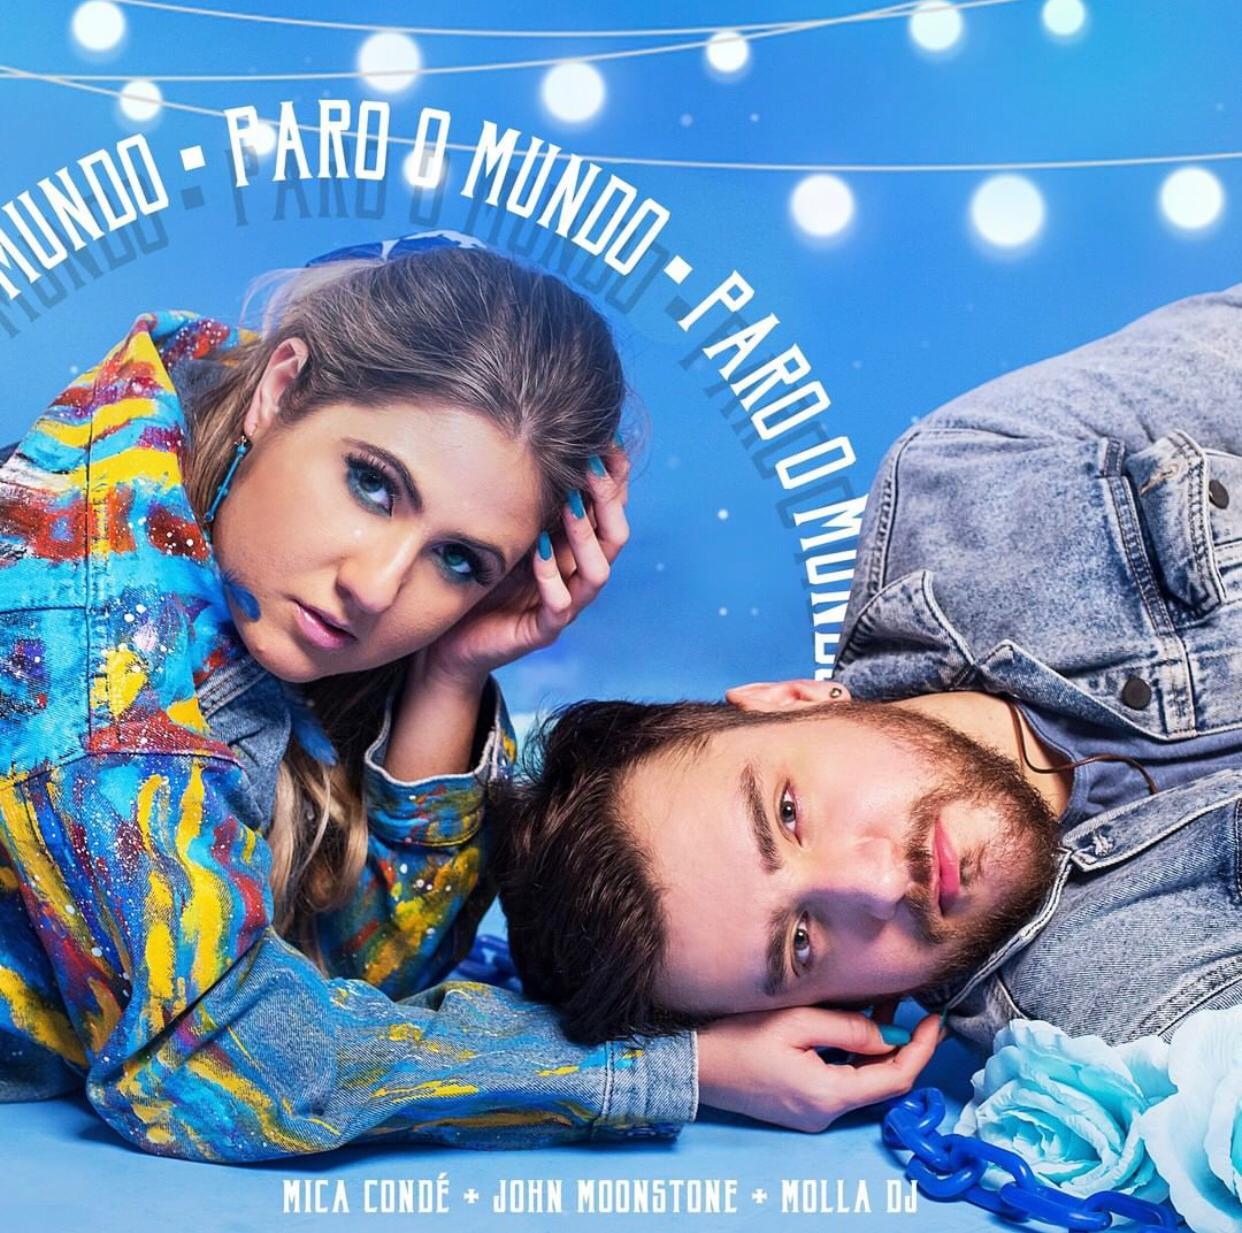 John Moonstone participa de clipe com cantora carioca Mica Condé